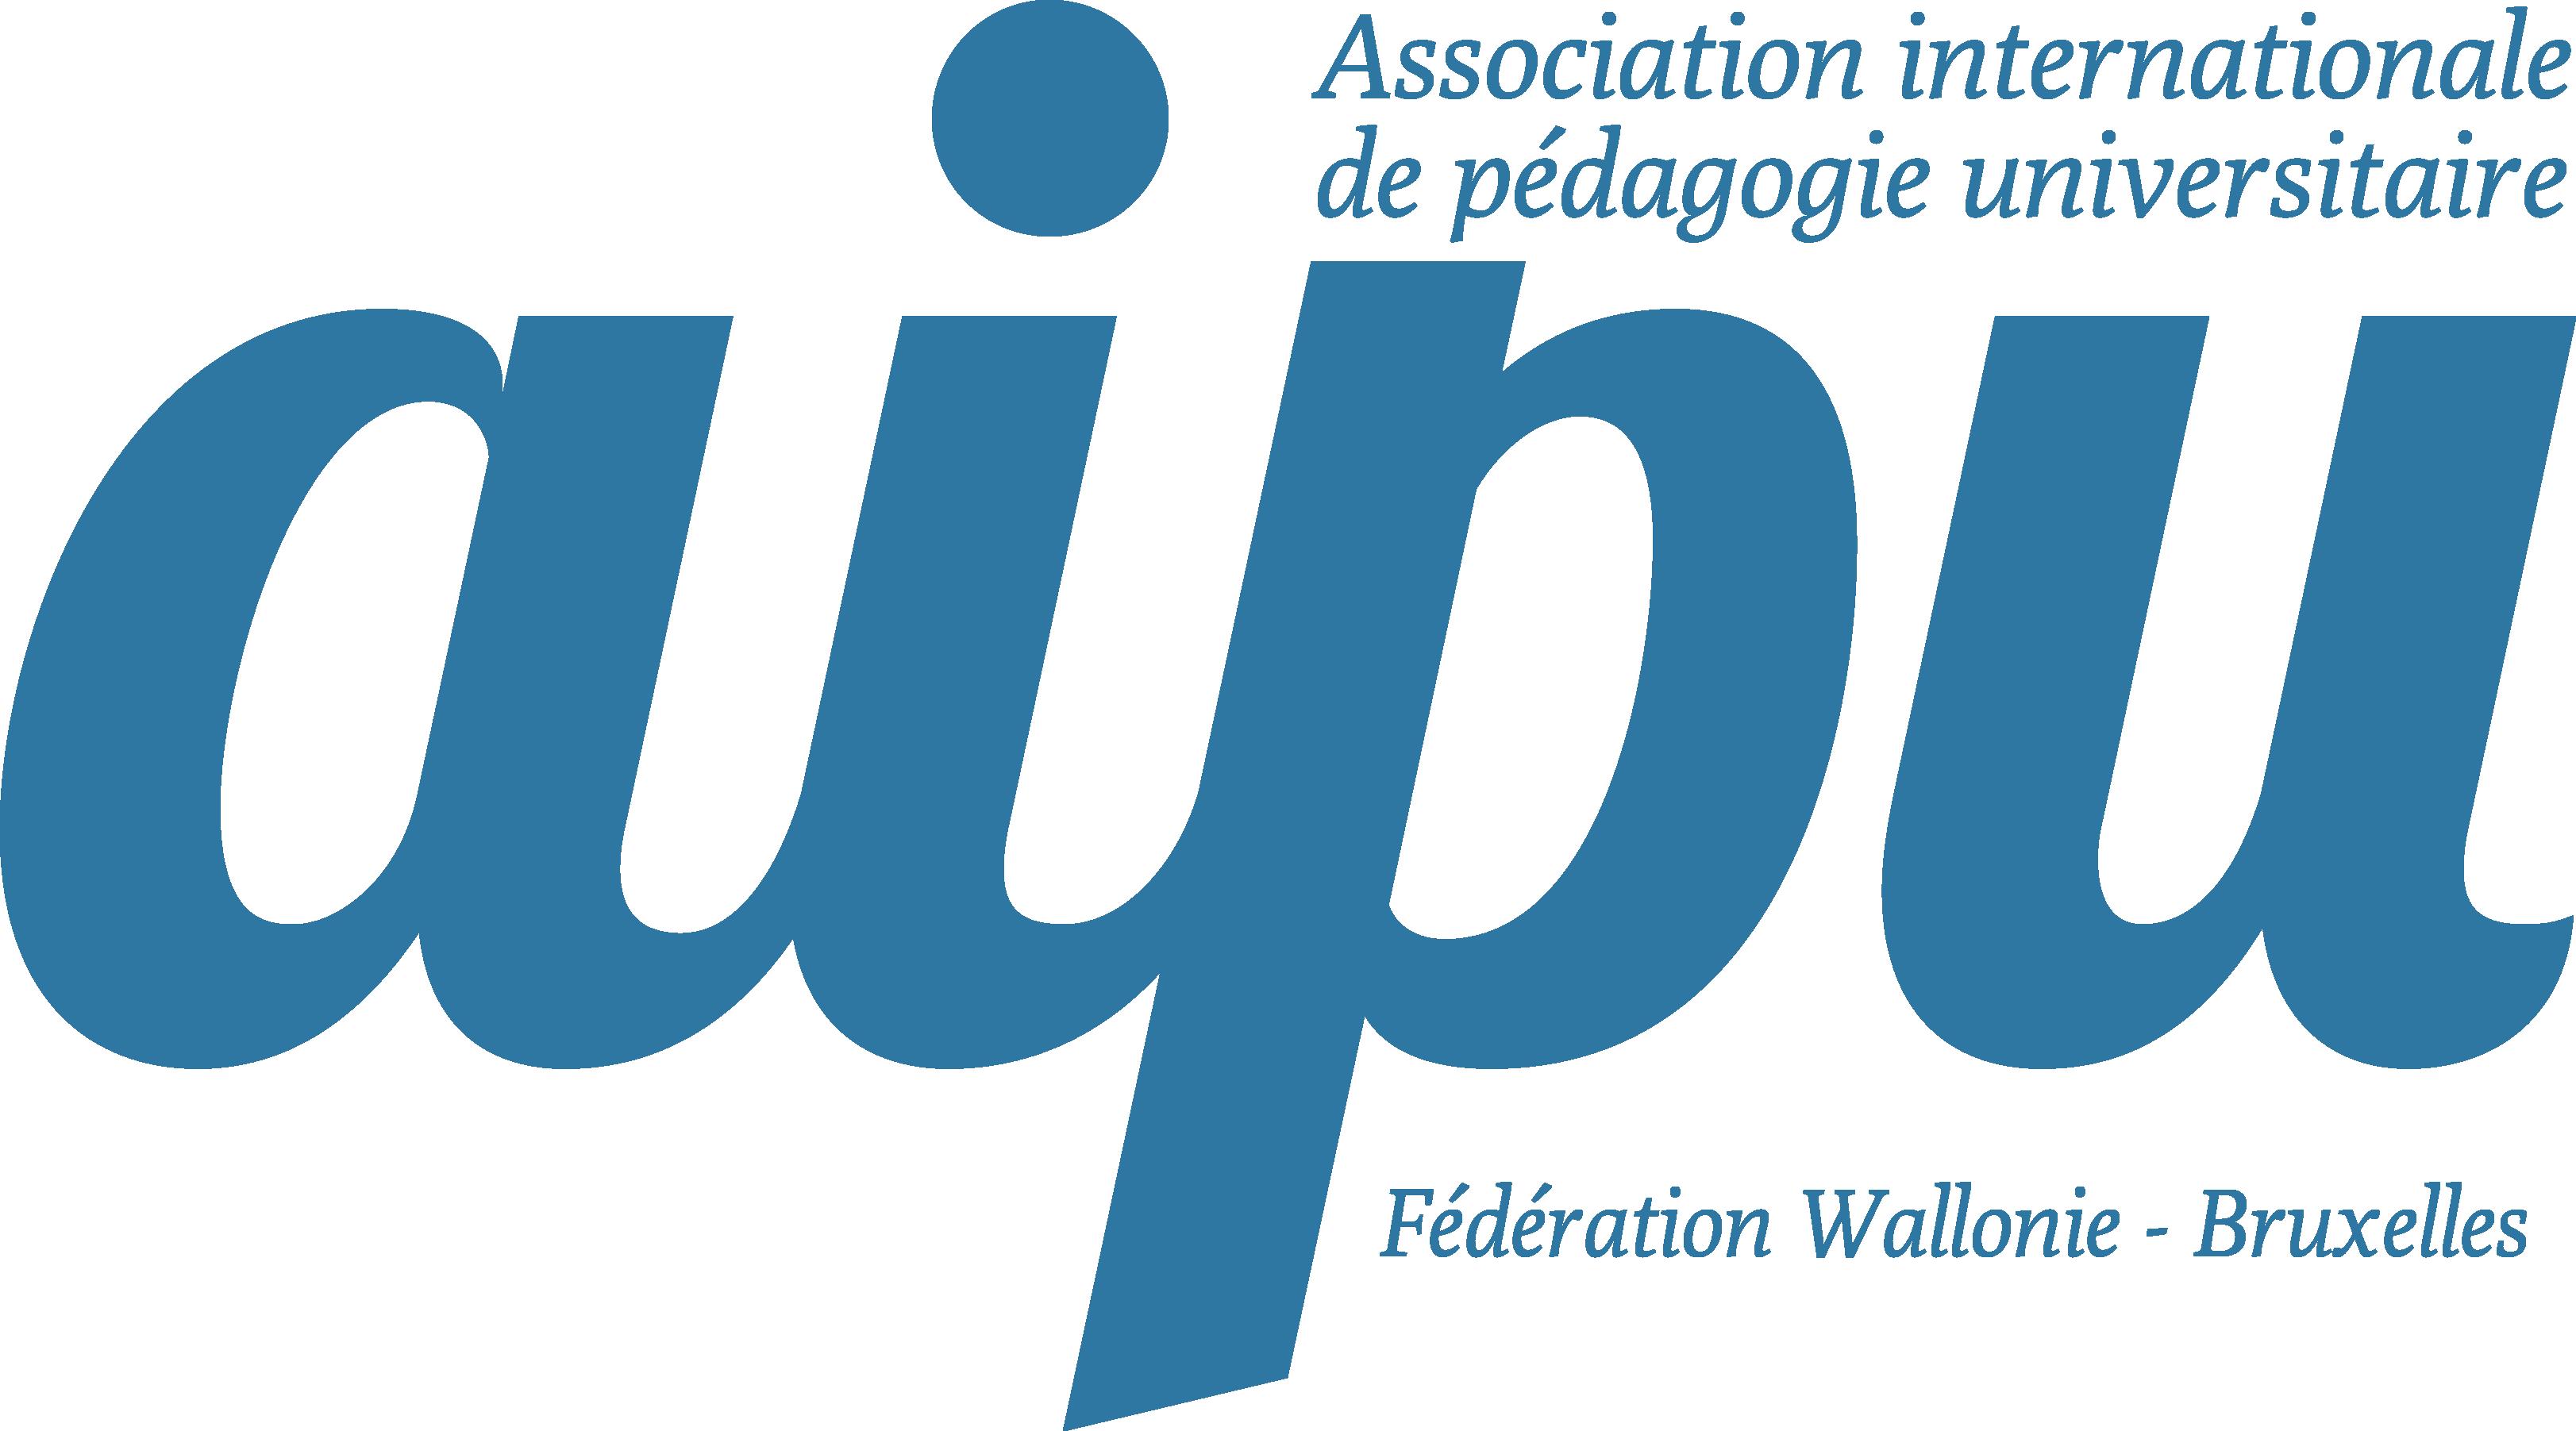 Site Internet de la section belge de l'AIPU